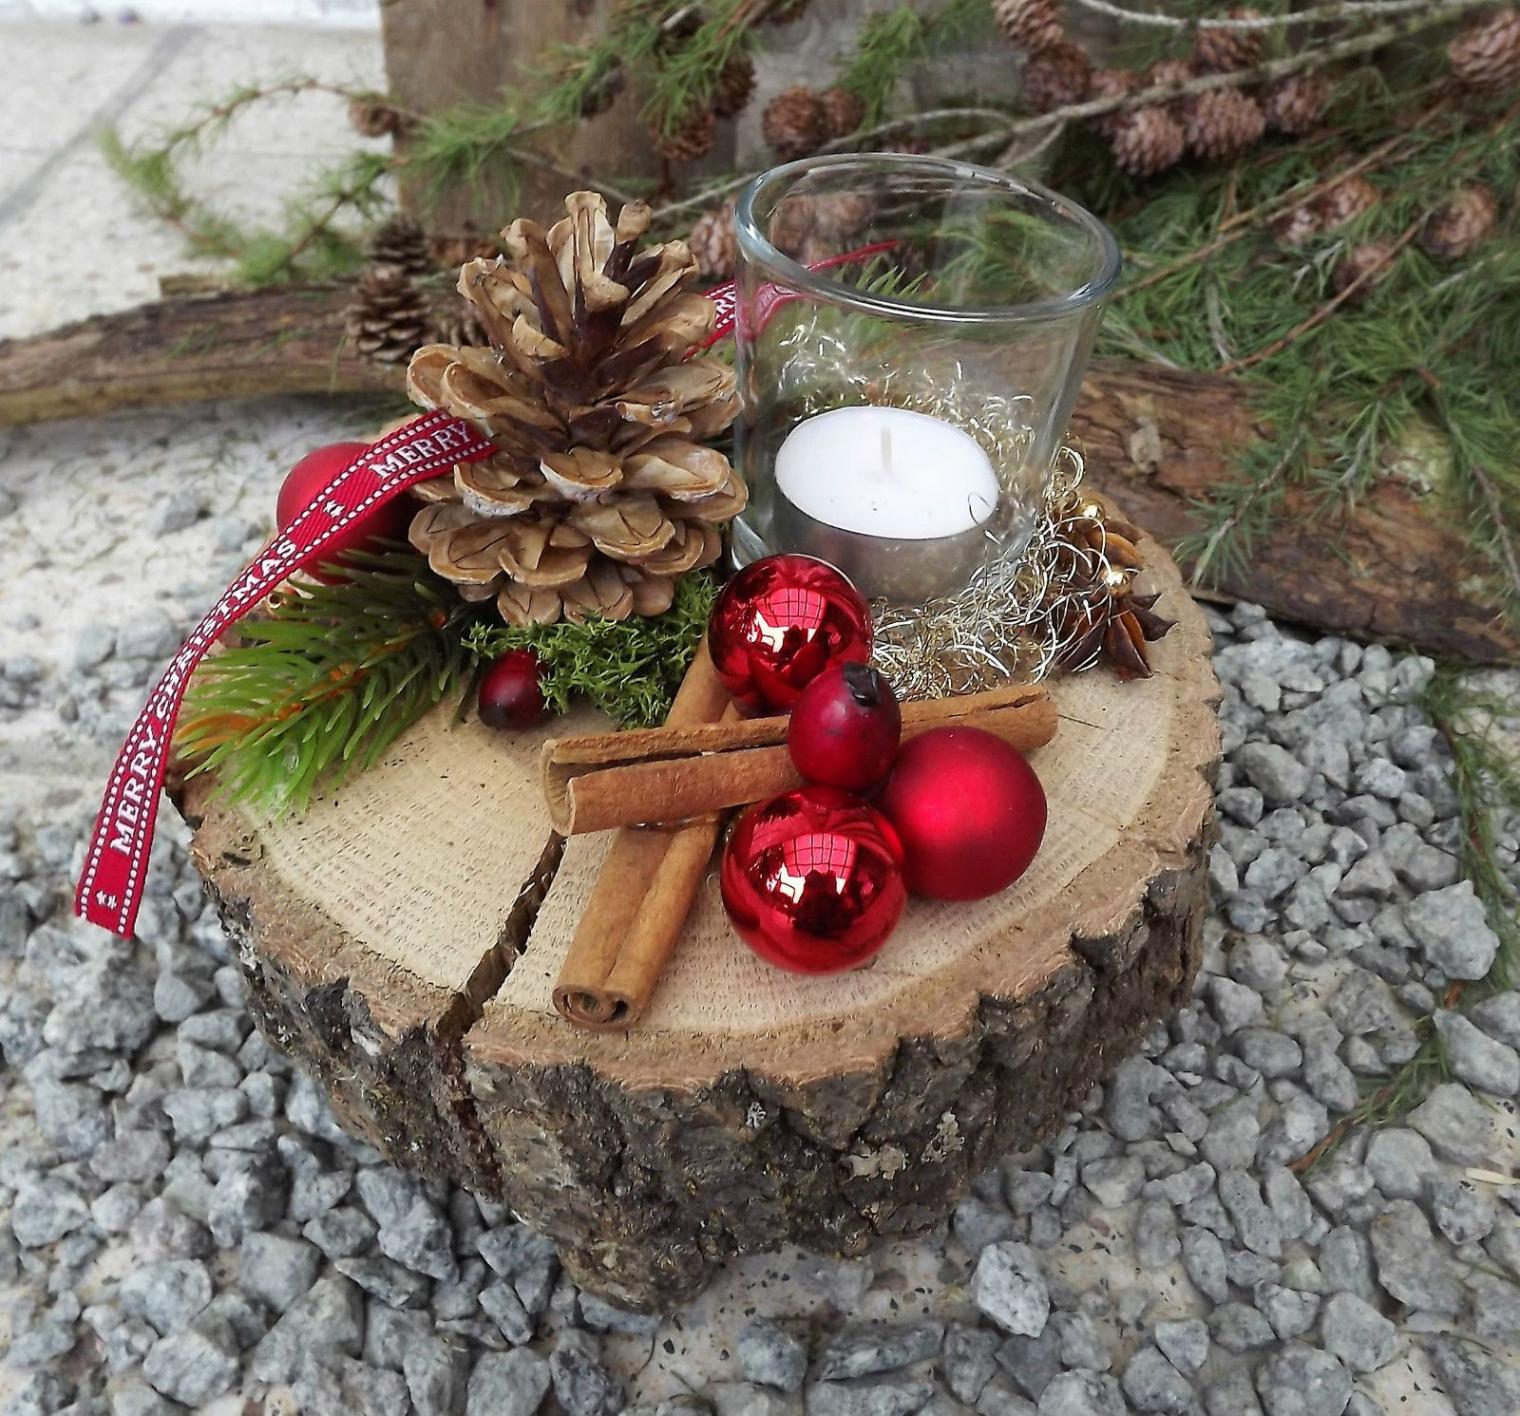 weihnachten advent holz gesteck teelicht auf holzscheibe rot natur 2 rustikale weihnachtsdeko selber machen rustikale weihnachtsdeko selber machen